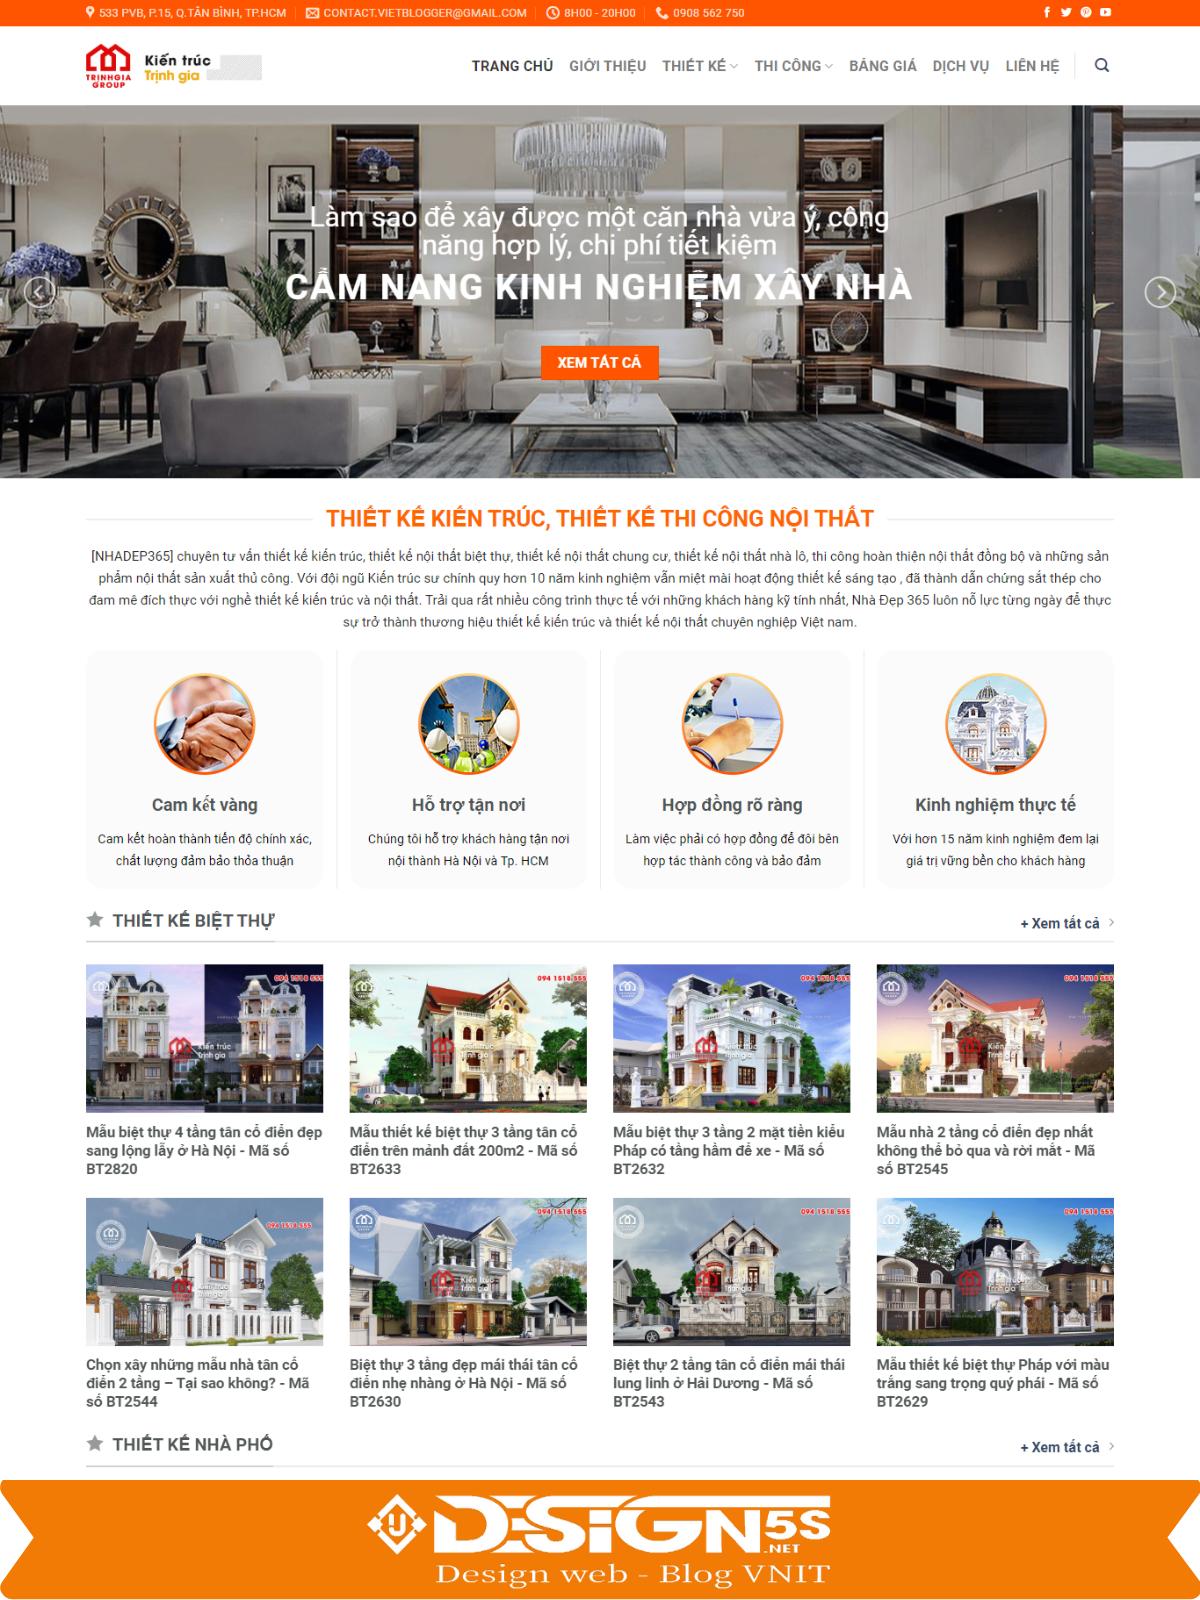 Mẫu giao diện Website kiến trúc nội thất đẹp chuẩn seo